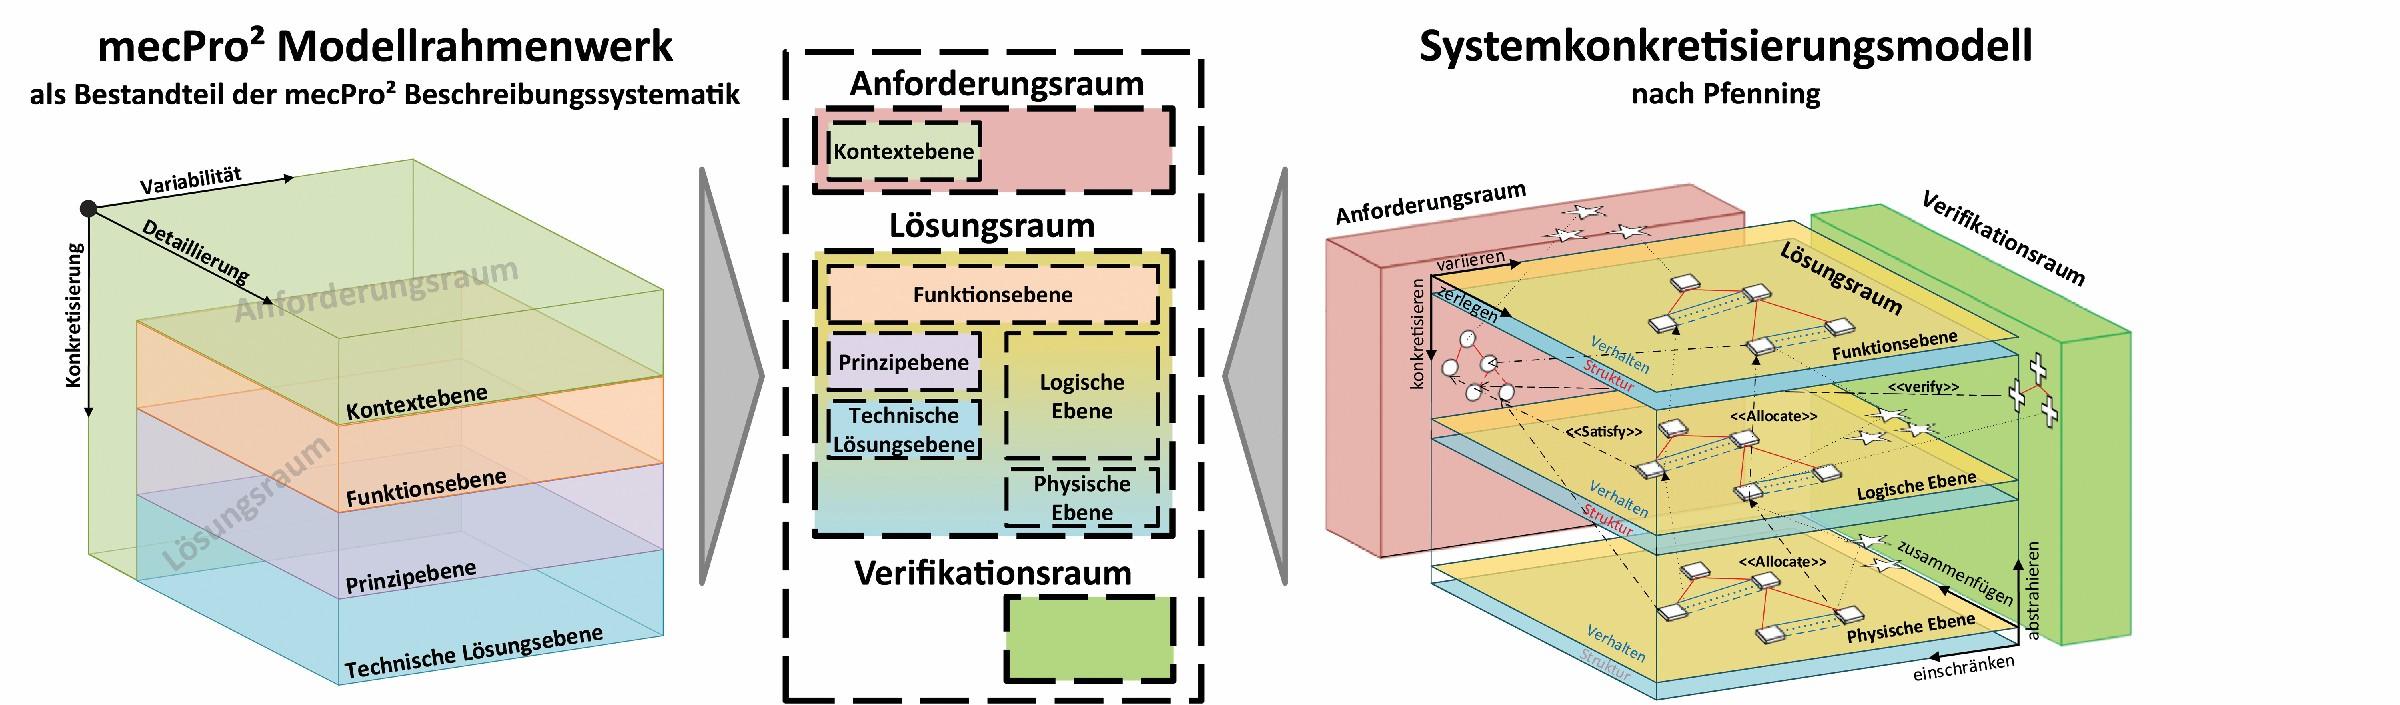 Bild 3 Gegenüberstellung des mecPro²-Modellrahmenwerks und des Systemkonkretisierungsmodells nach Pfenning. Bild: Verfasser